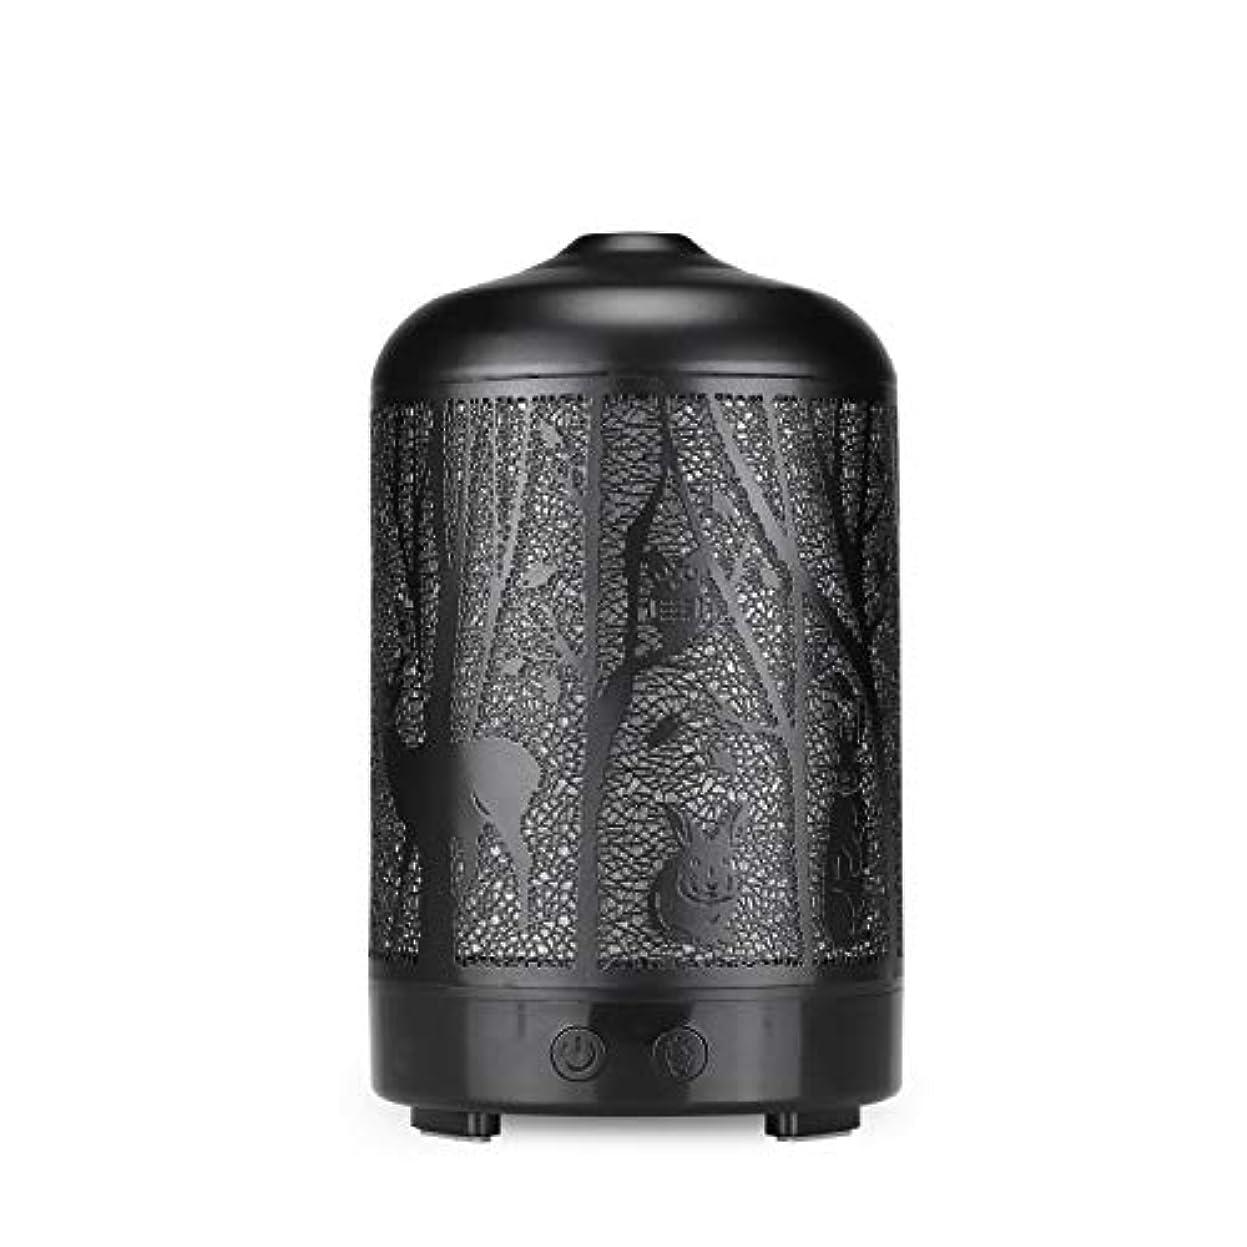 楽な机リテラシーエッセンシャルオイルディフューザー、100 ml超音波金属ディアーアロマセラピー香り油拡散気化器加湿器